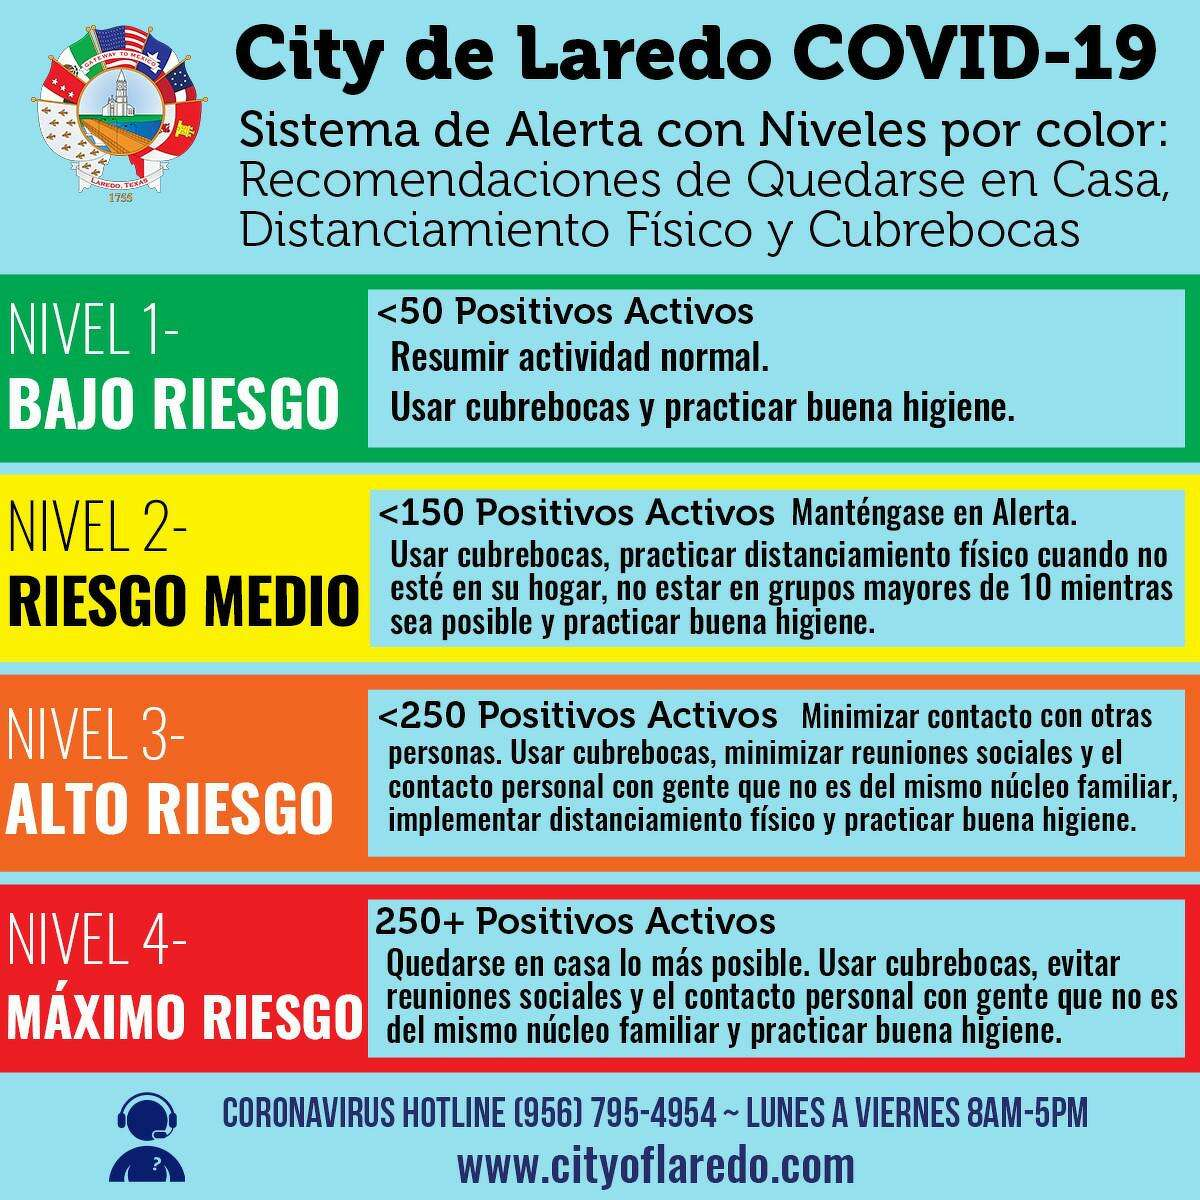 La Ciudad de Laredo ha dado a conocer su Sistema de Alerta de Riesgo por COVID-19 con codificación de acuerdo a colores que van desde el Nivel 1 o verde que significa un bajo riesgo hasta el Nivel 4 o rojo con un máximo riesgo.